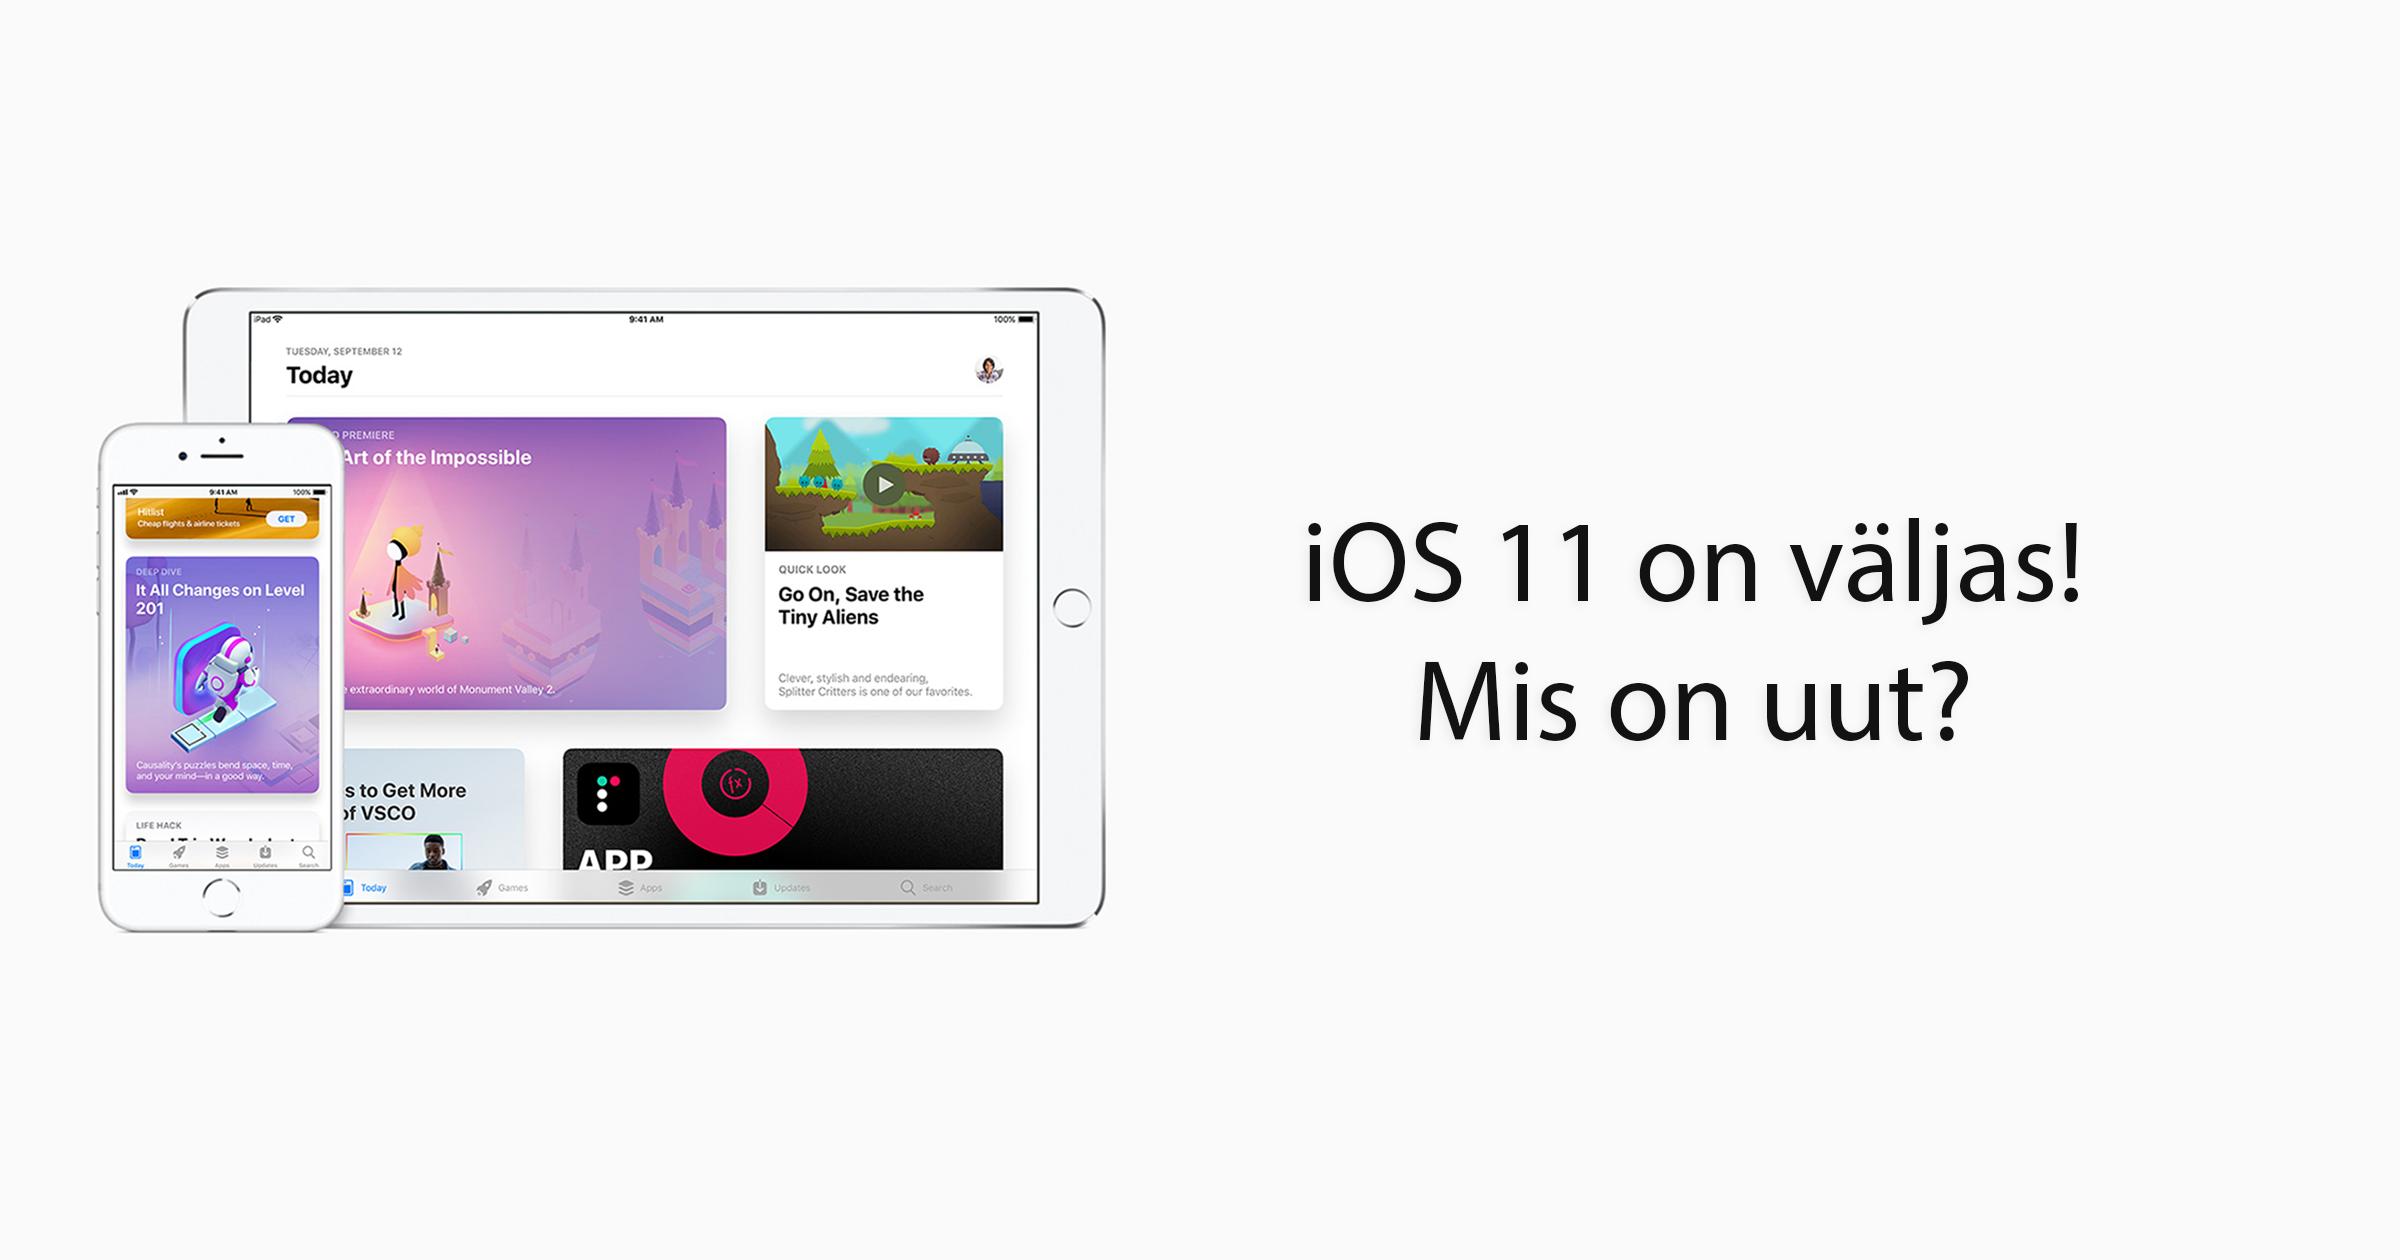 Apple iphone ios 11 uus ios uus tarkvara mobipunkt iphone ipad photos siri liitreaalsus